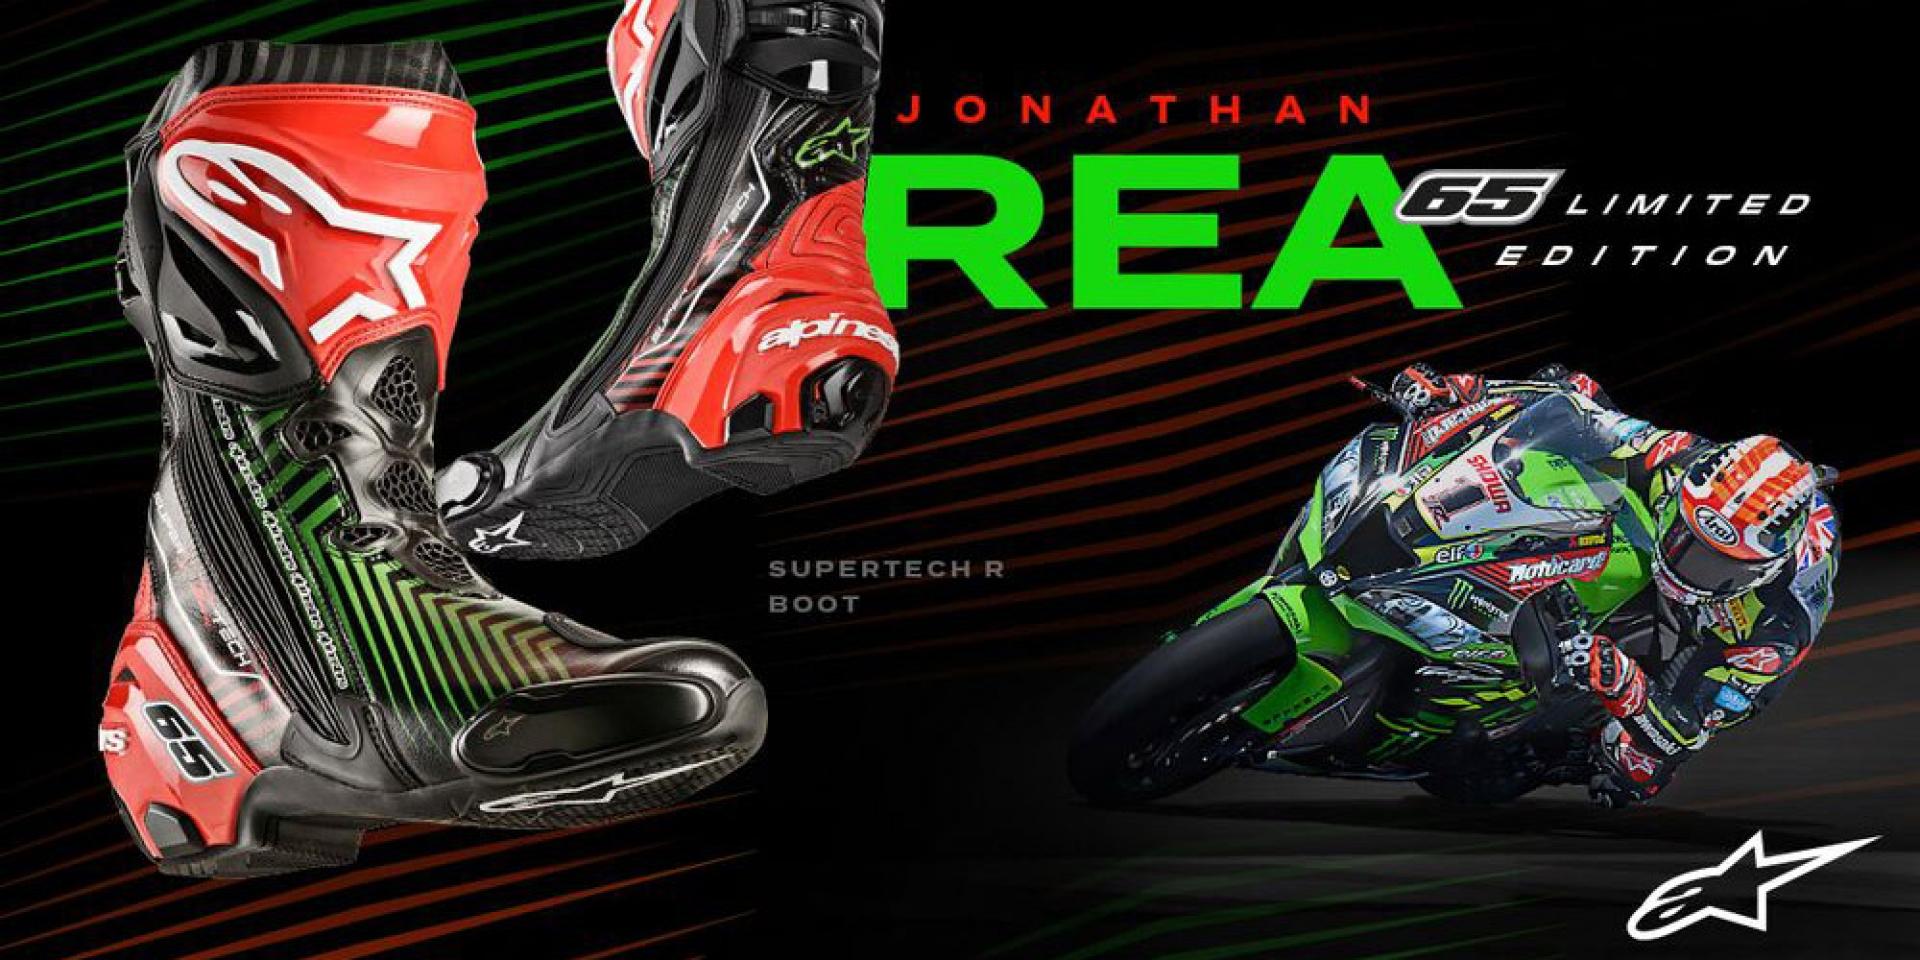 川崎粉絲抓緊荷包,Alpinestars推出Jonathan Rea 2019 車靴